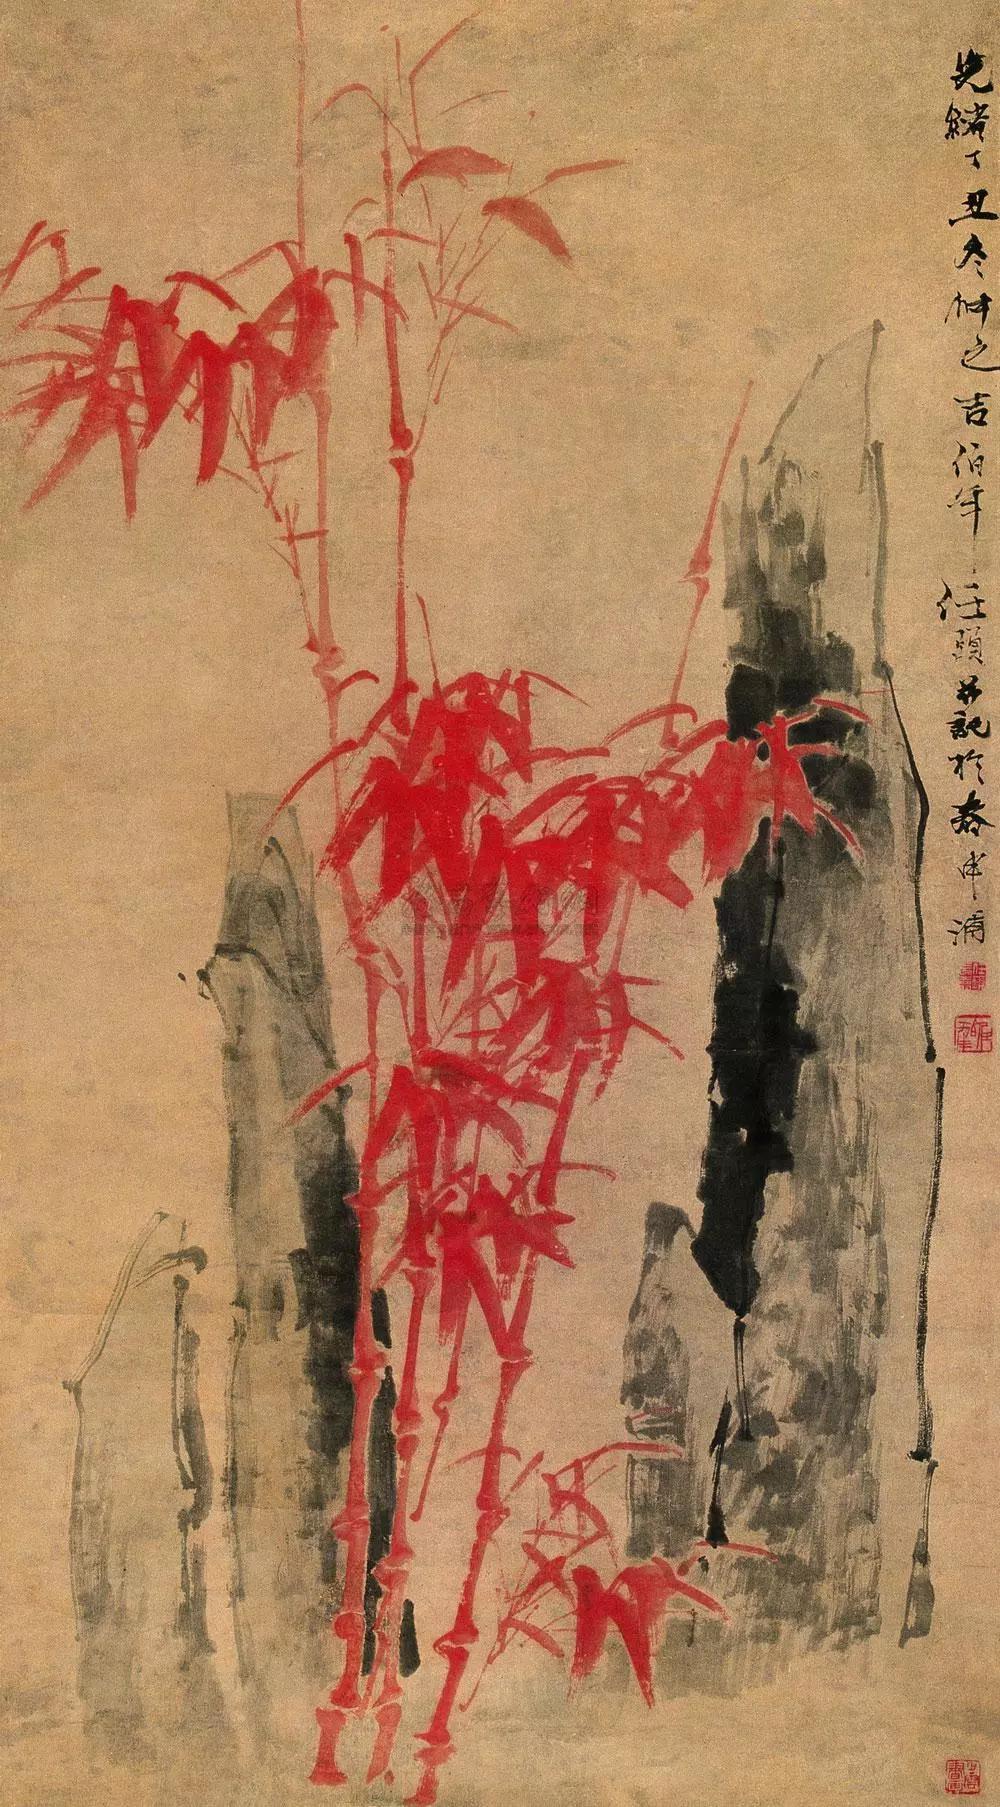 逸笔草草_名家什么时候开始画朱竹的 苏轼 启功 蒋兆和_新浪时尚_新浪网